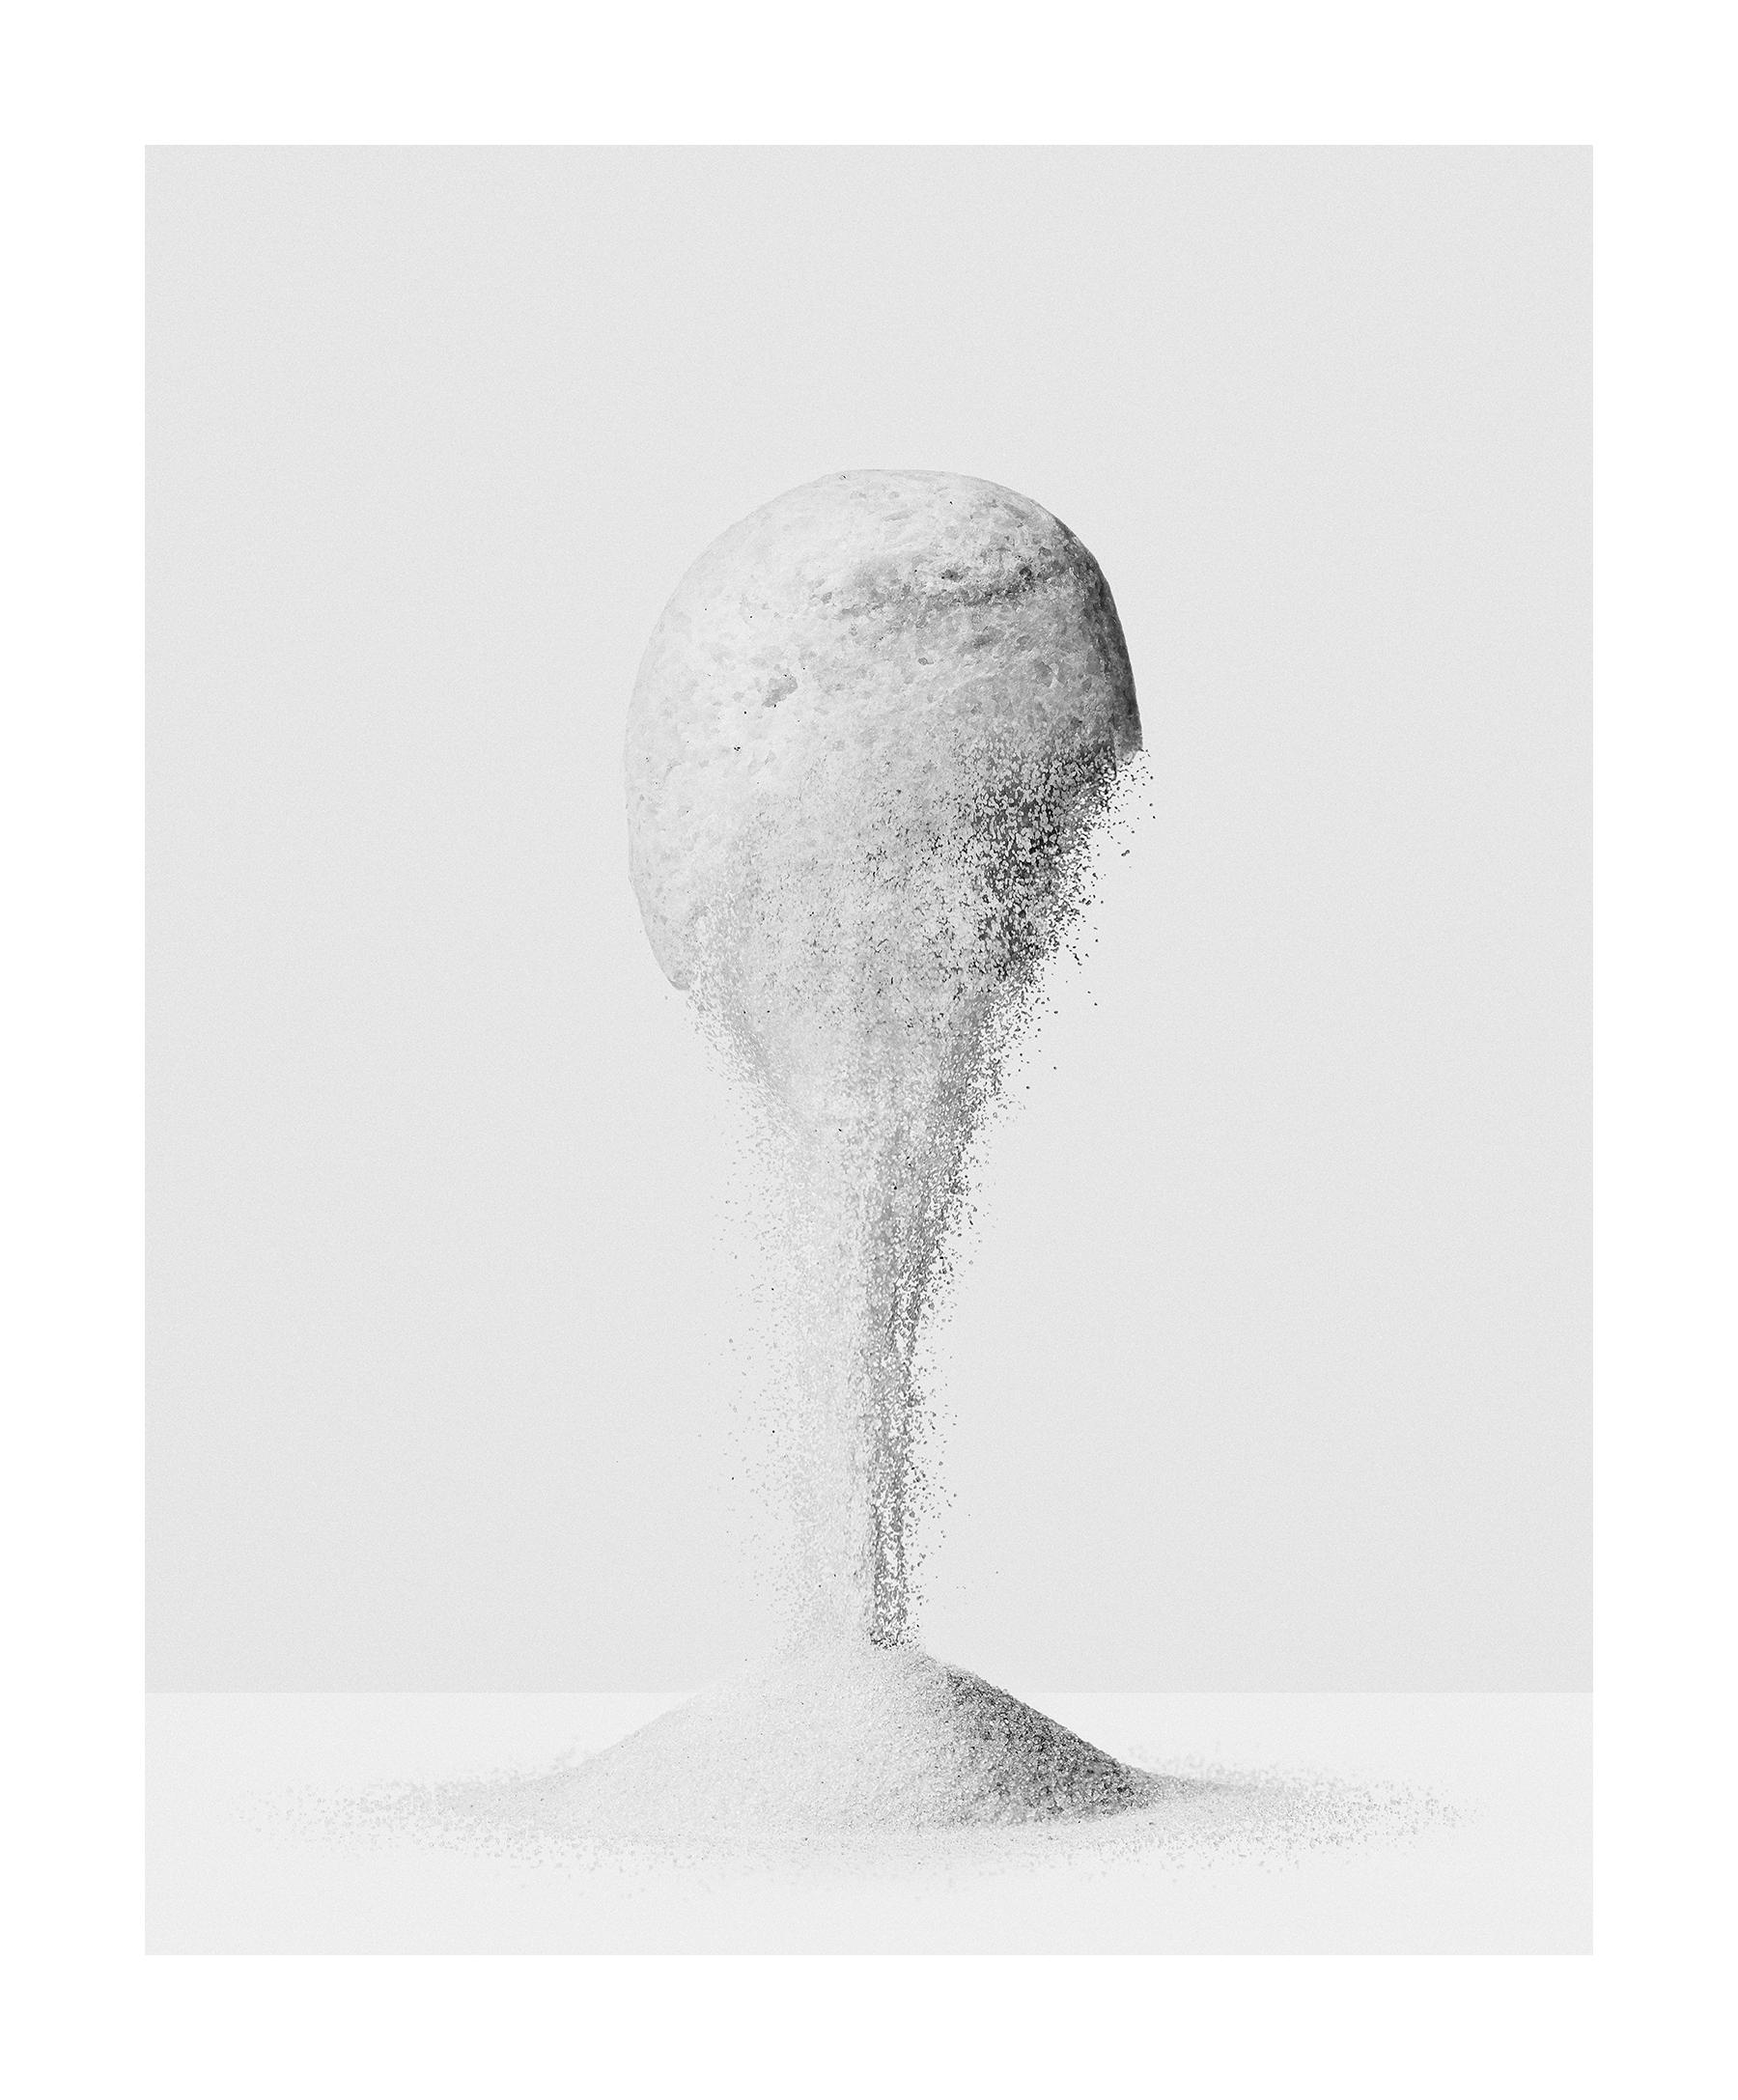 DavidButler_Rock-to-Ashes_WOW